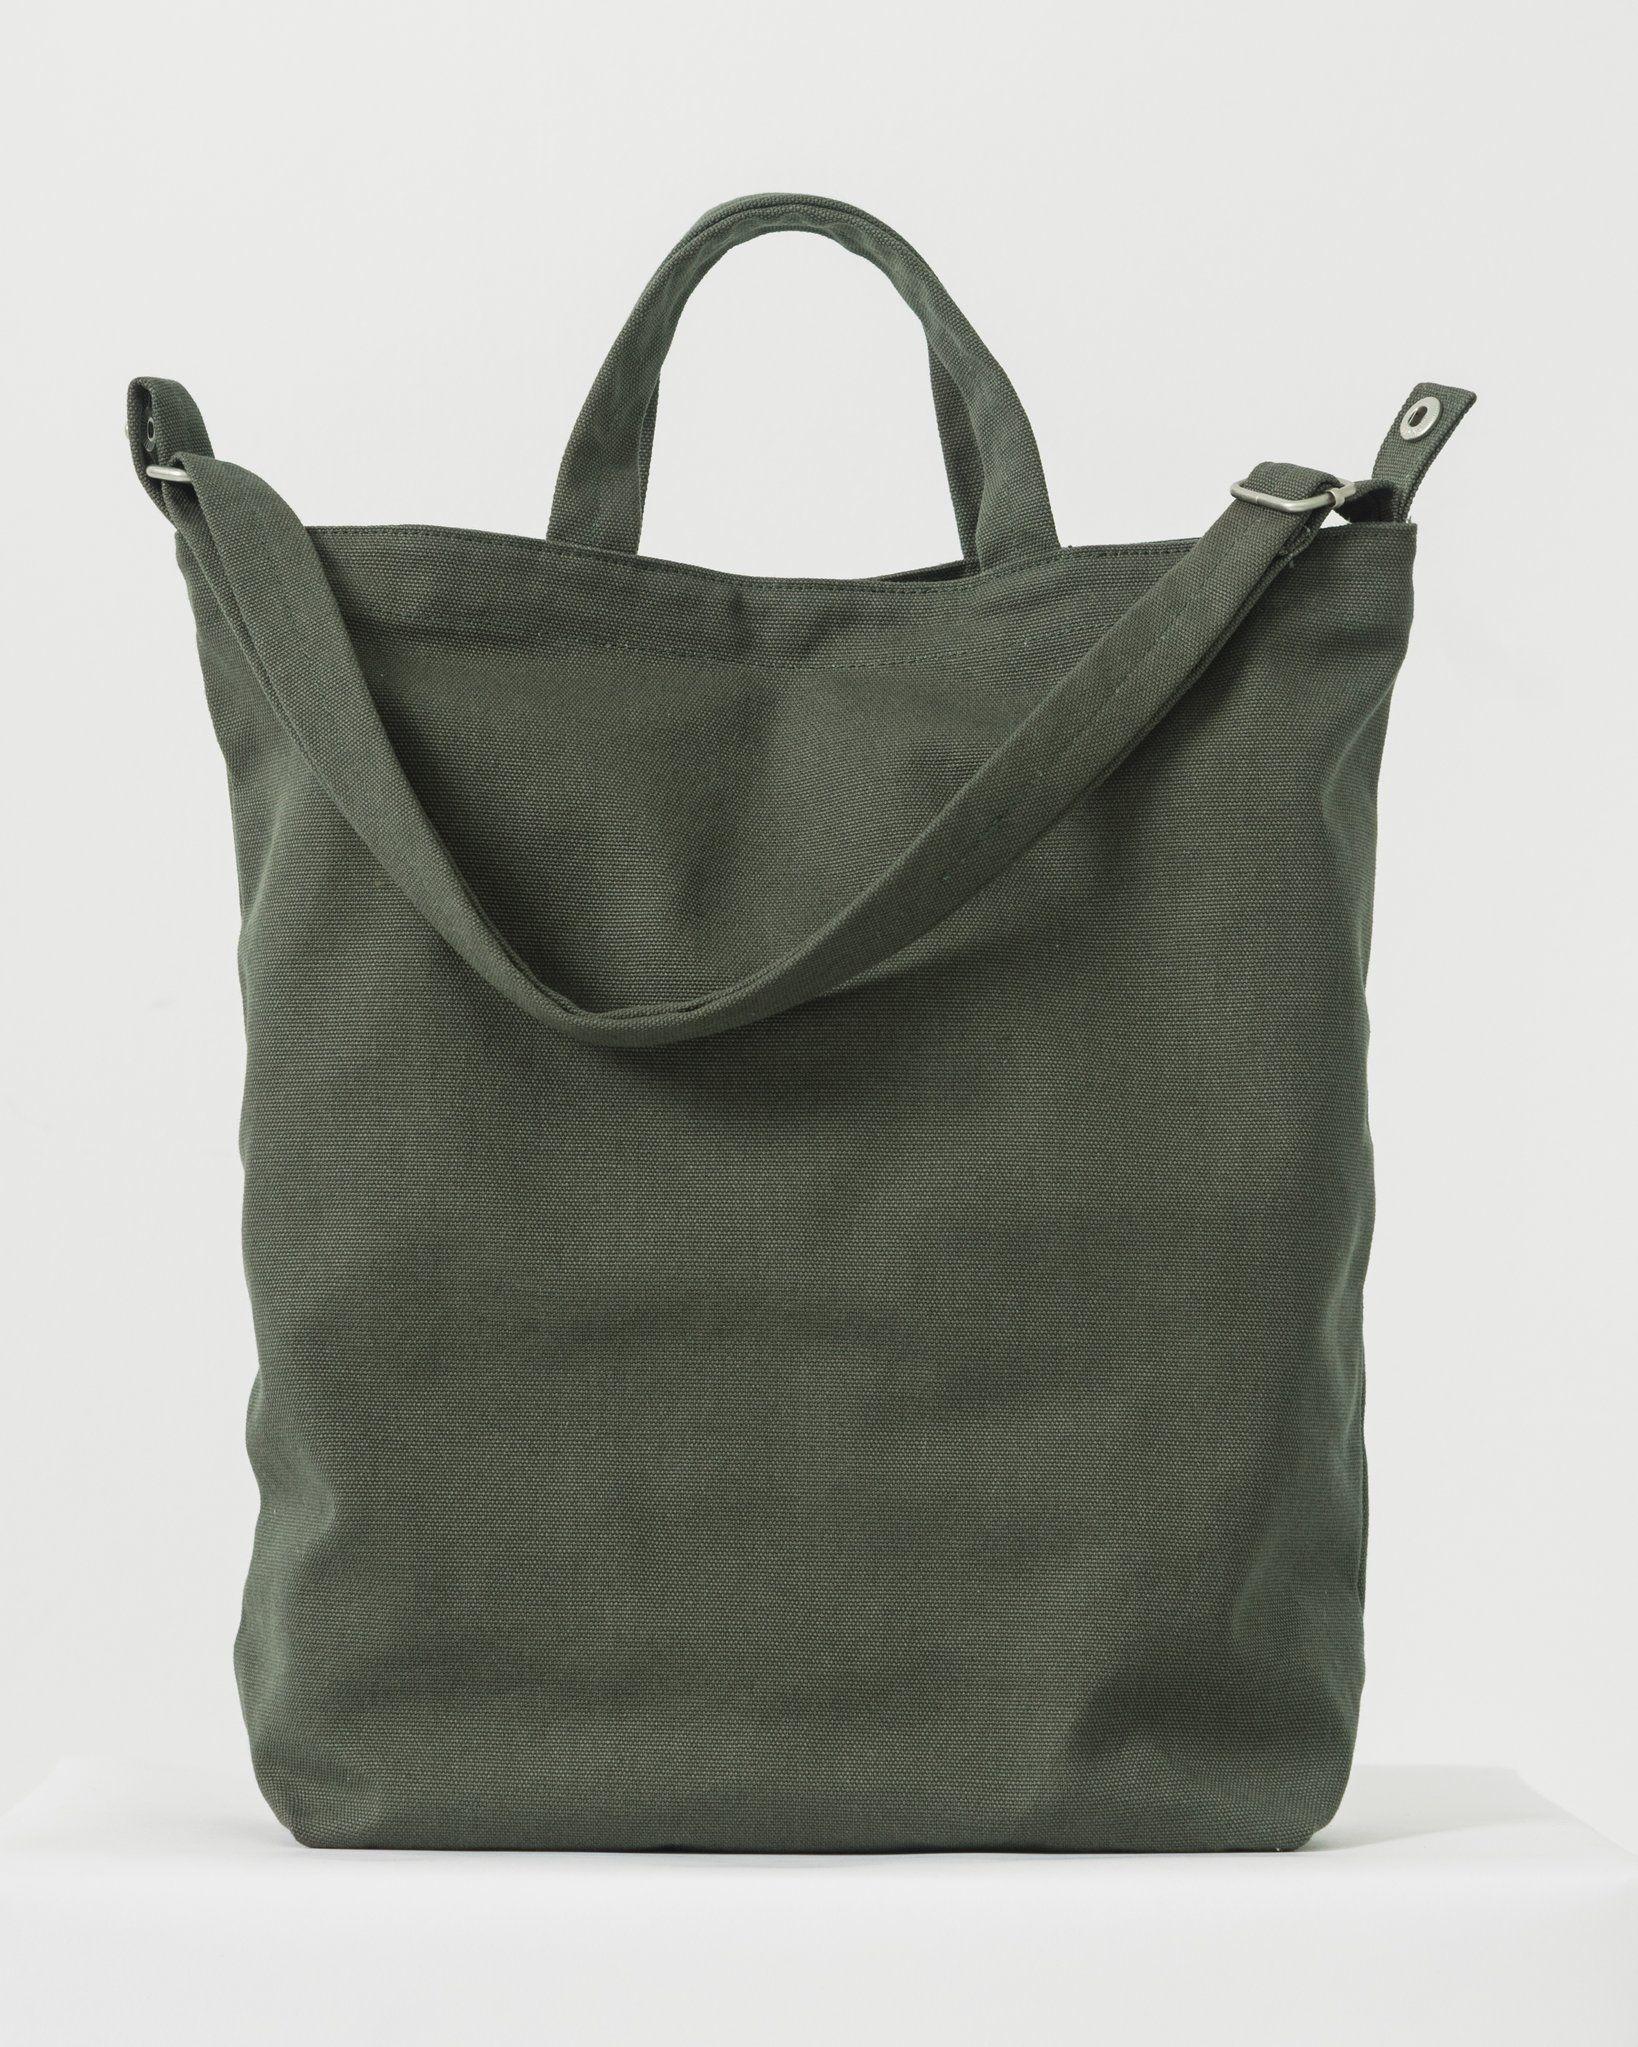 1bda4de887 Duck Bag - Dark Olive